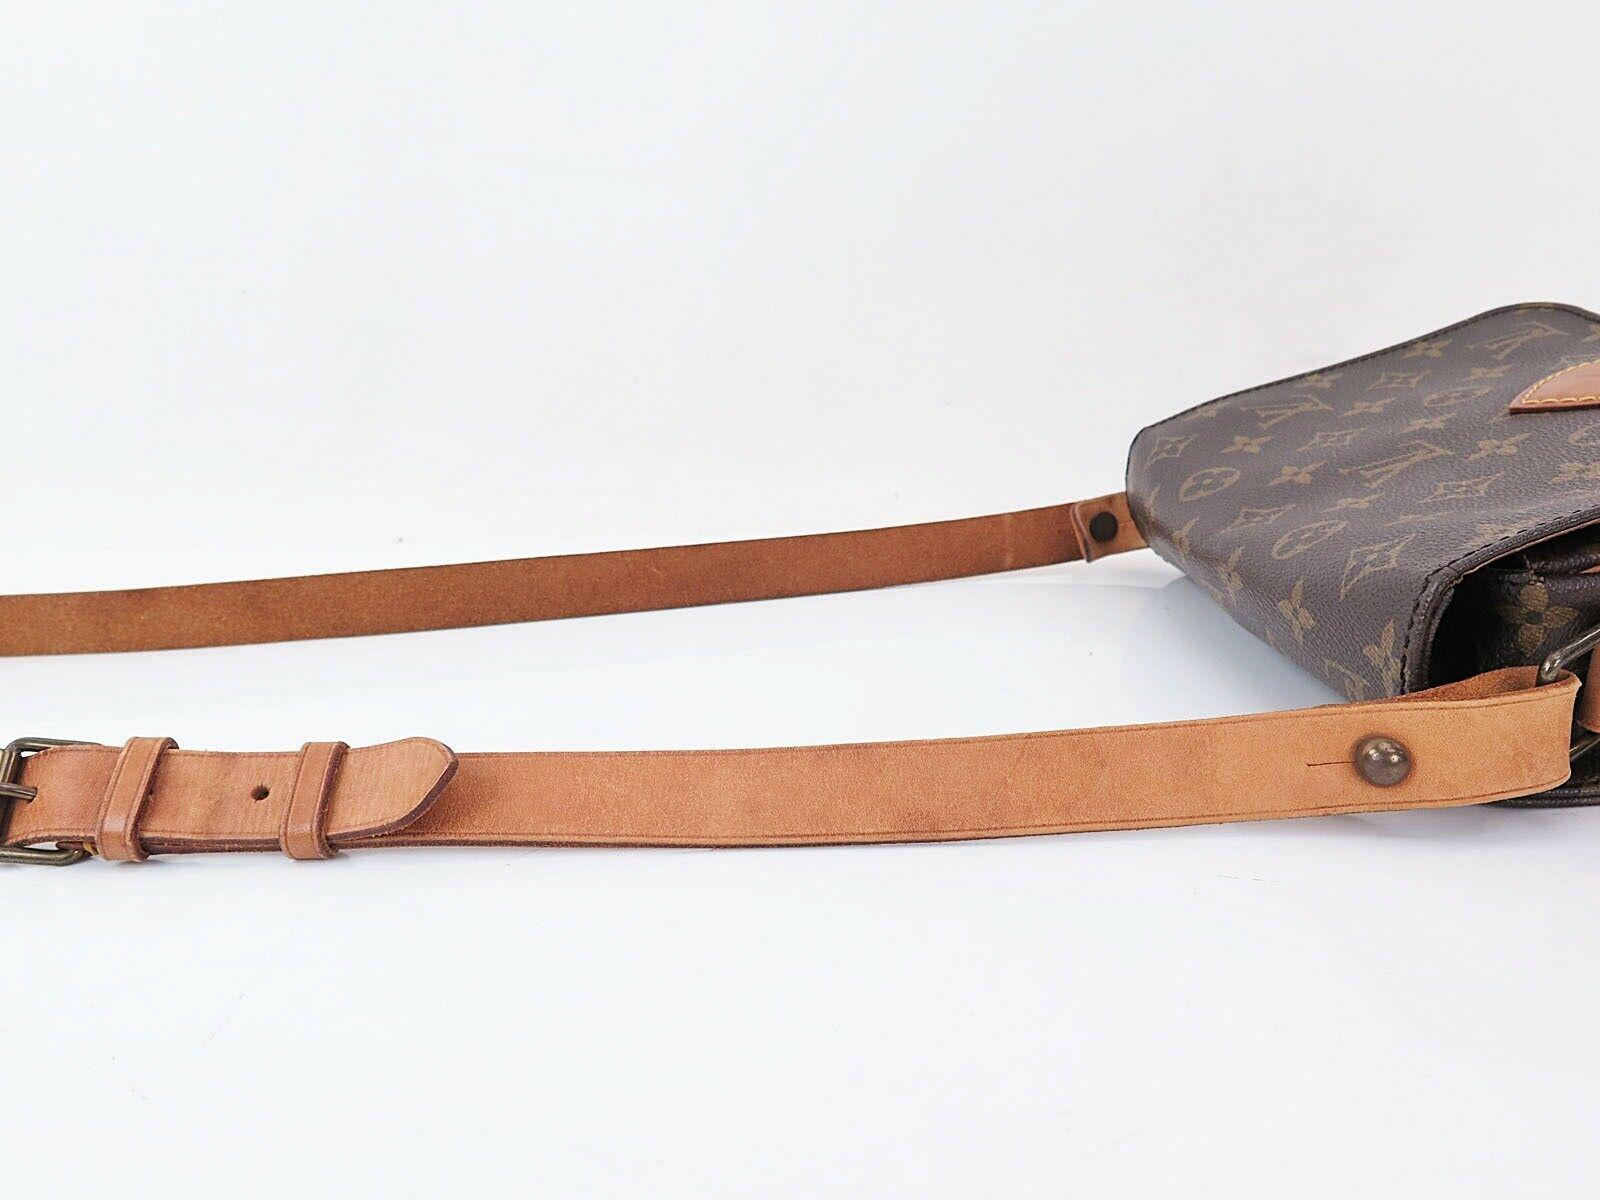 Auth Vintage LOUIS VUITTON Cartouchiere MM Monogram Shoulder Bag Purse #30980